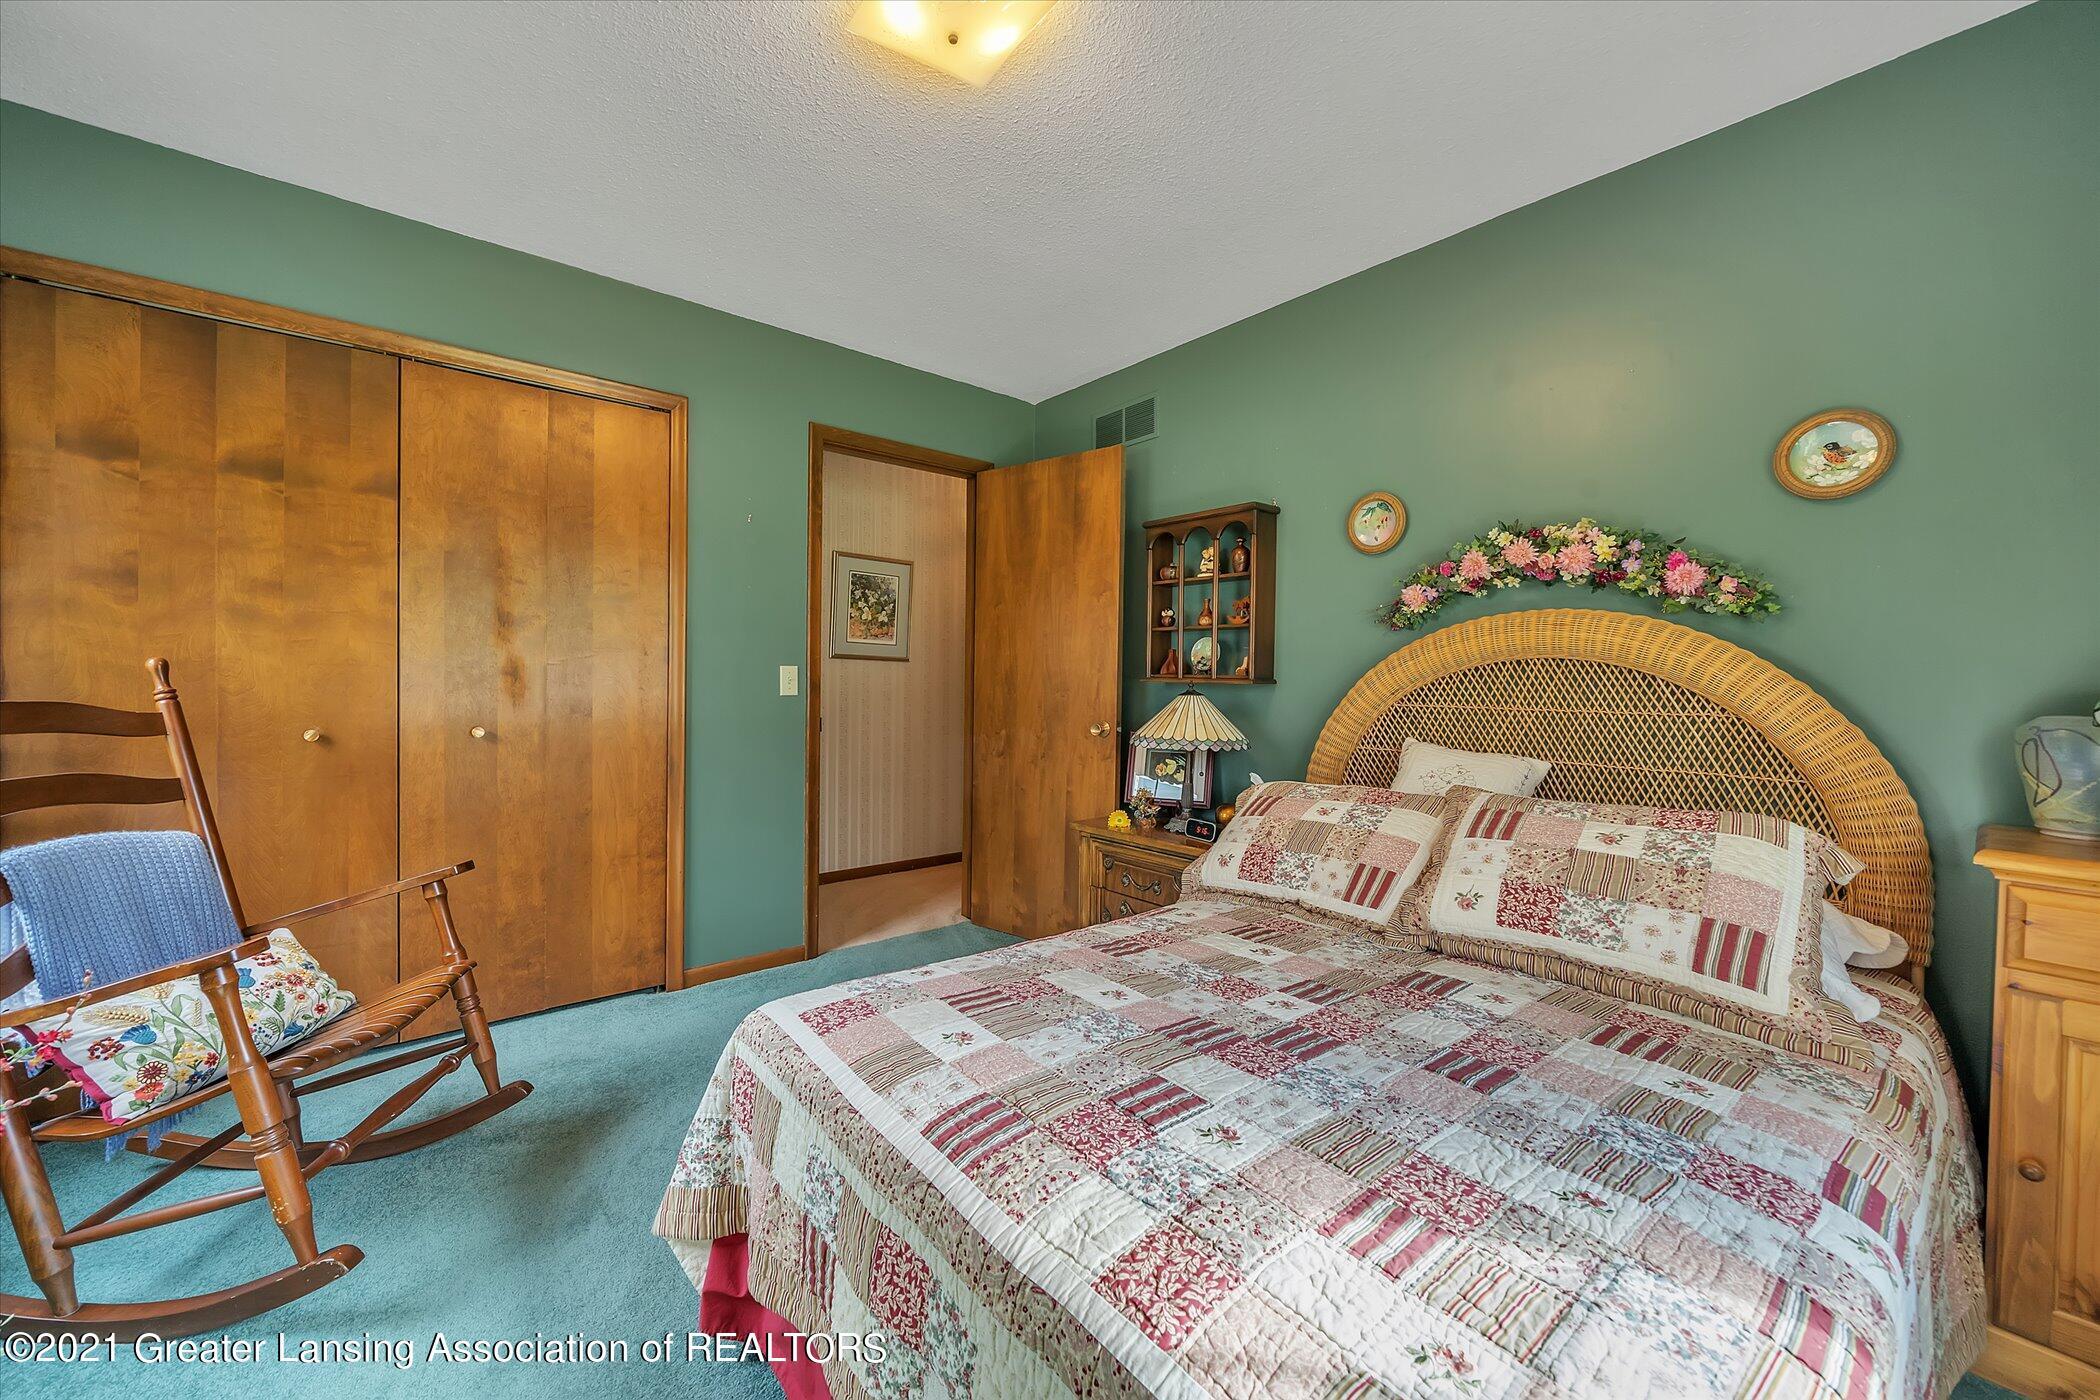 5556 Wood Valley Dr - (15) MAIN FLOOR  Bedroom 2 - 15